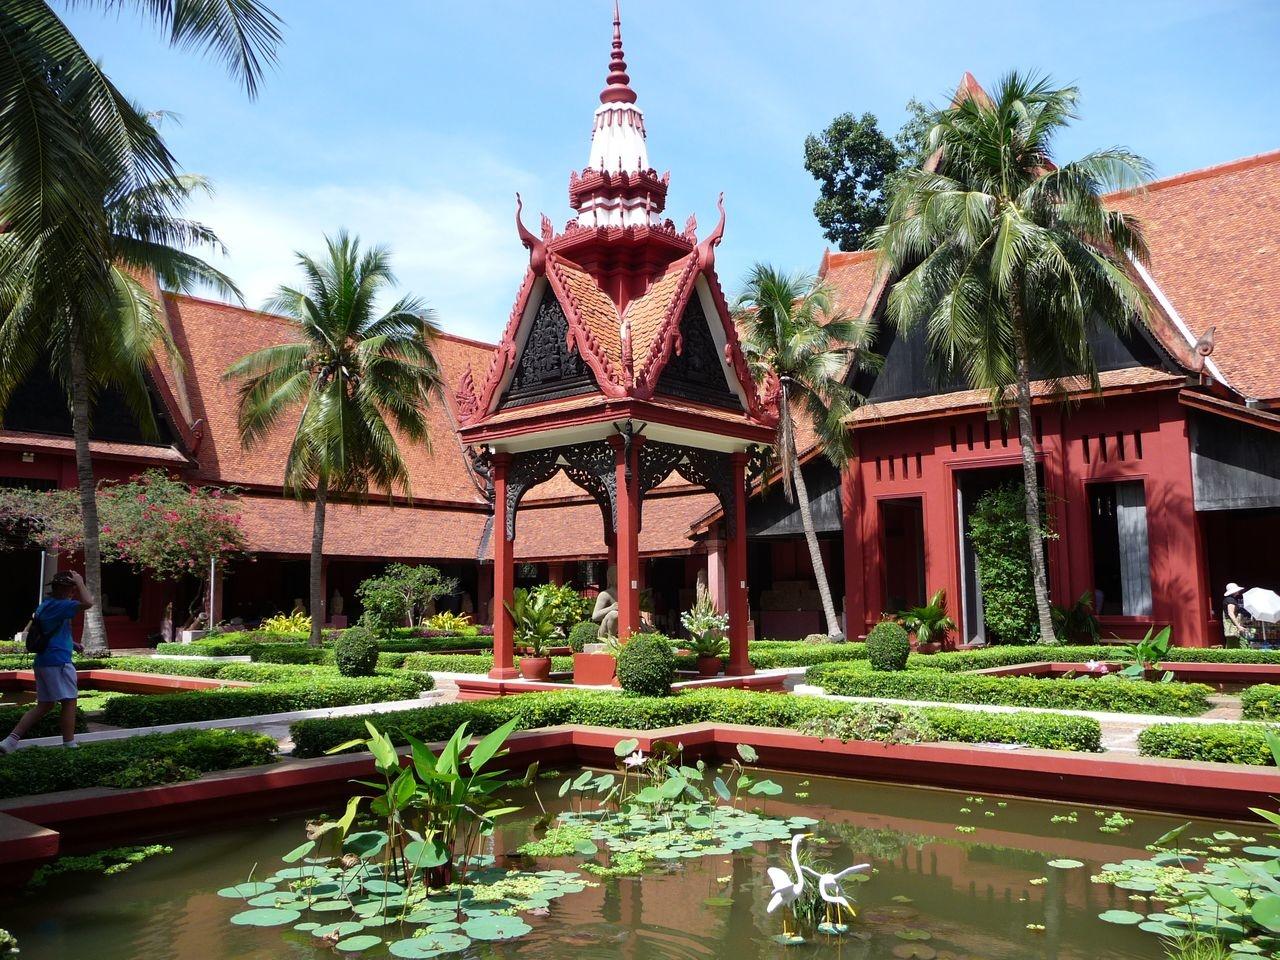 Les facettes à découvrir avec cambodgevo.com